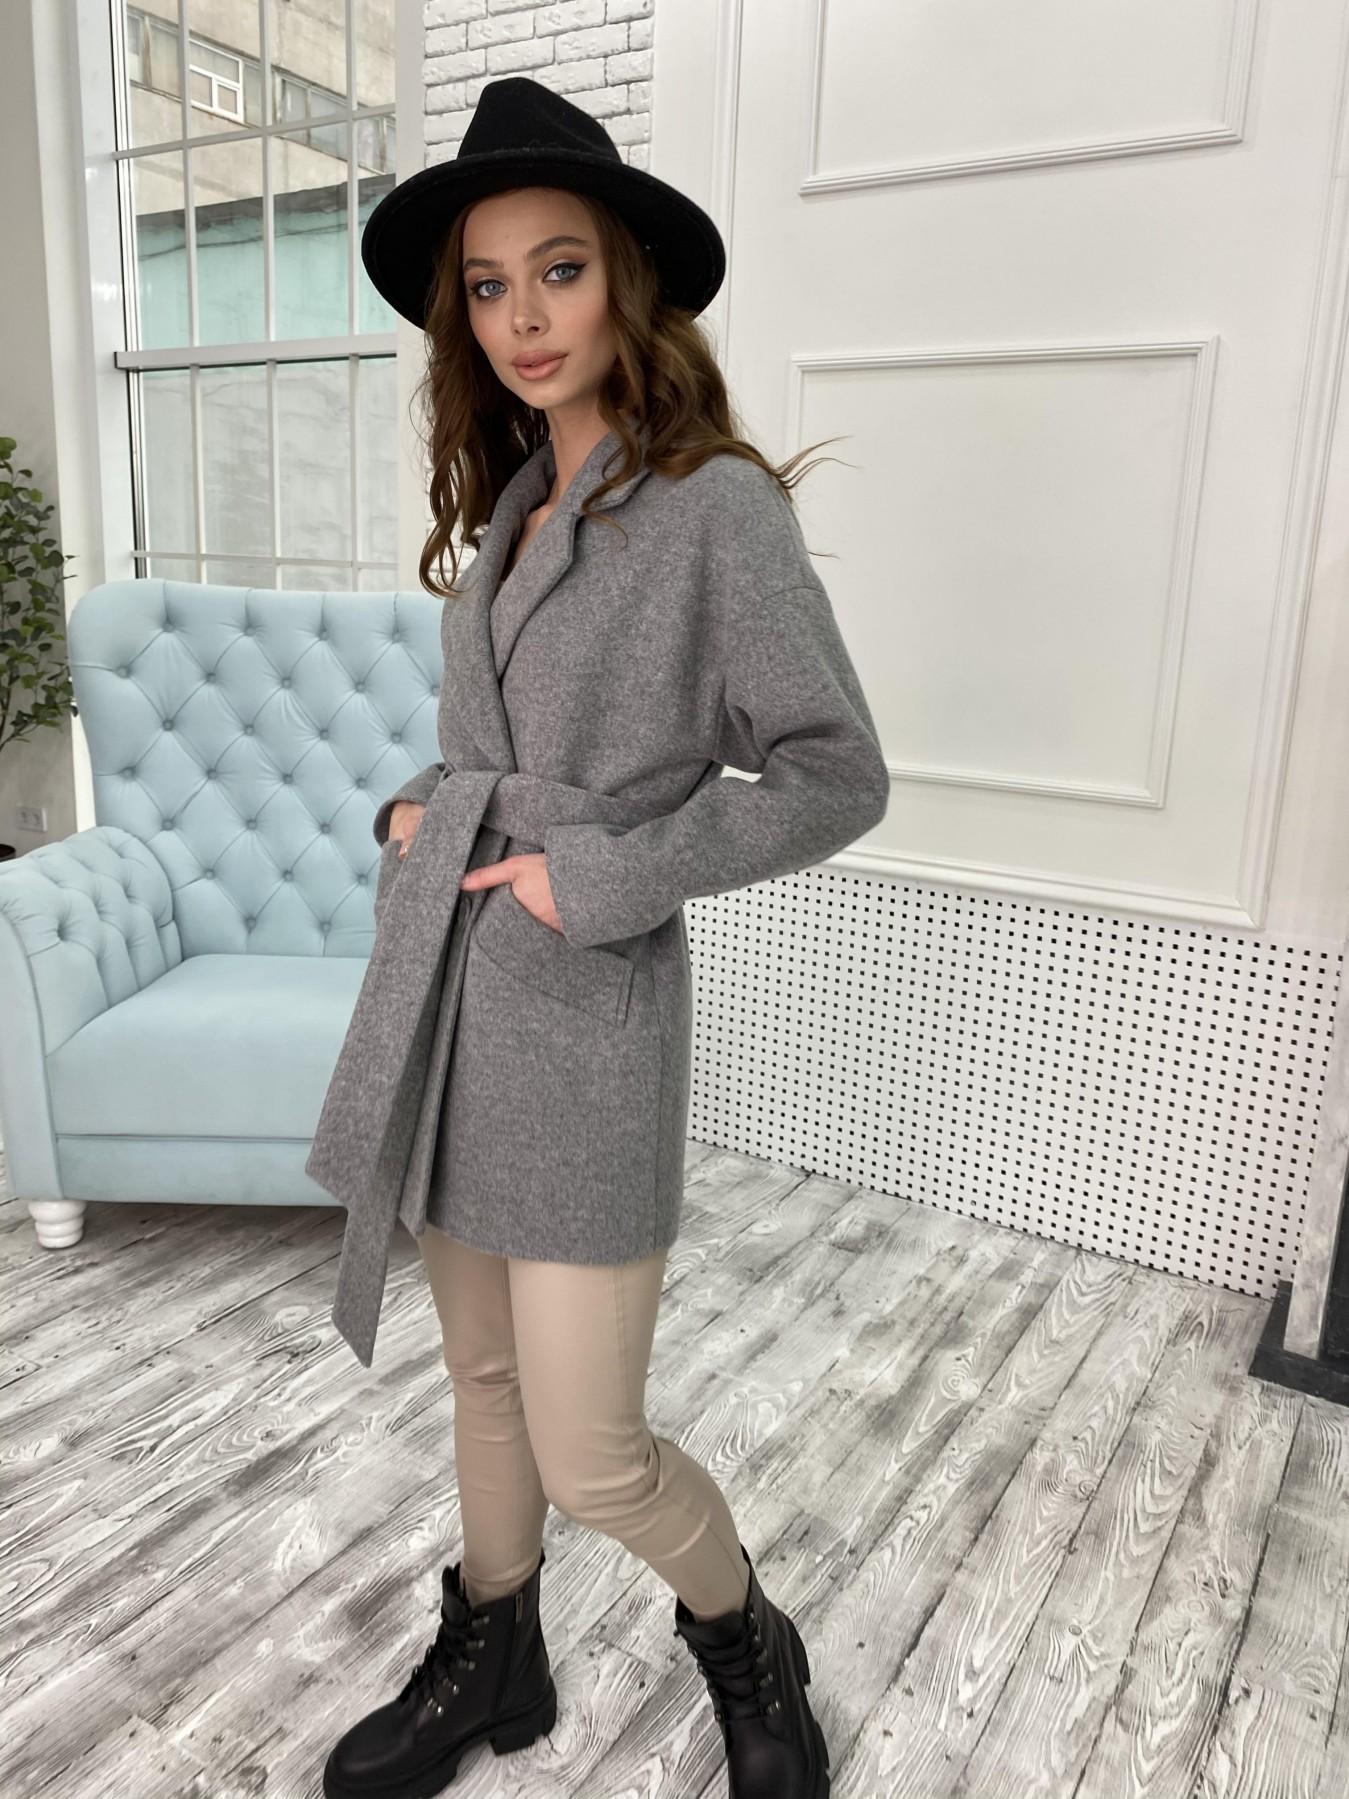 Бонд пальто  кашемировое меланж на трикотаже  10644 АРТ. 47176 Цвет: Серый 1 - фото 7, интернет магазин tm-modus.ru